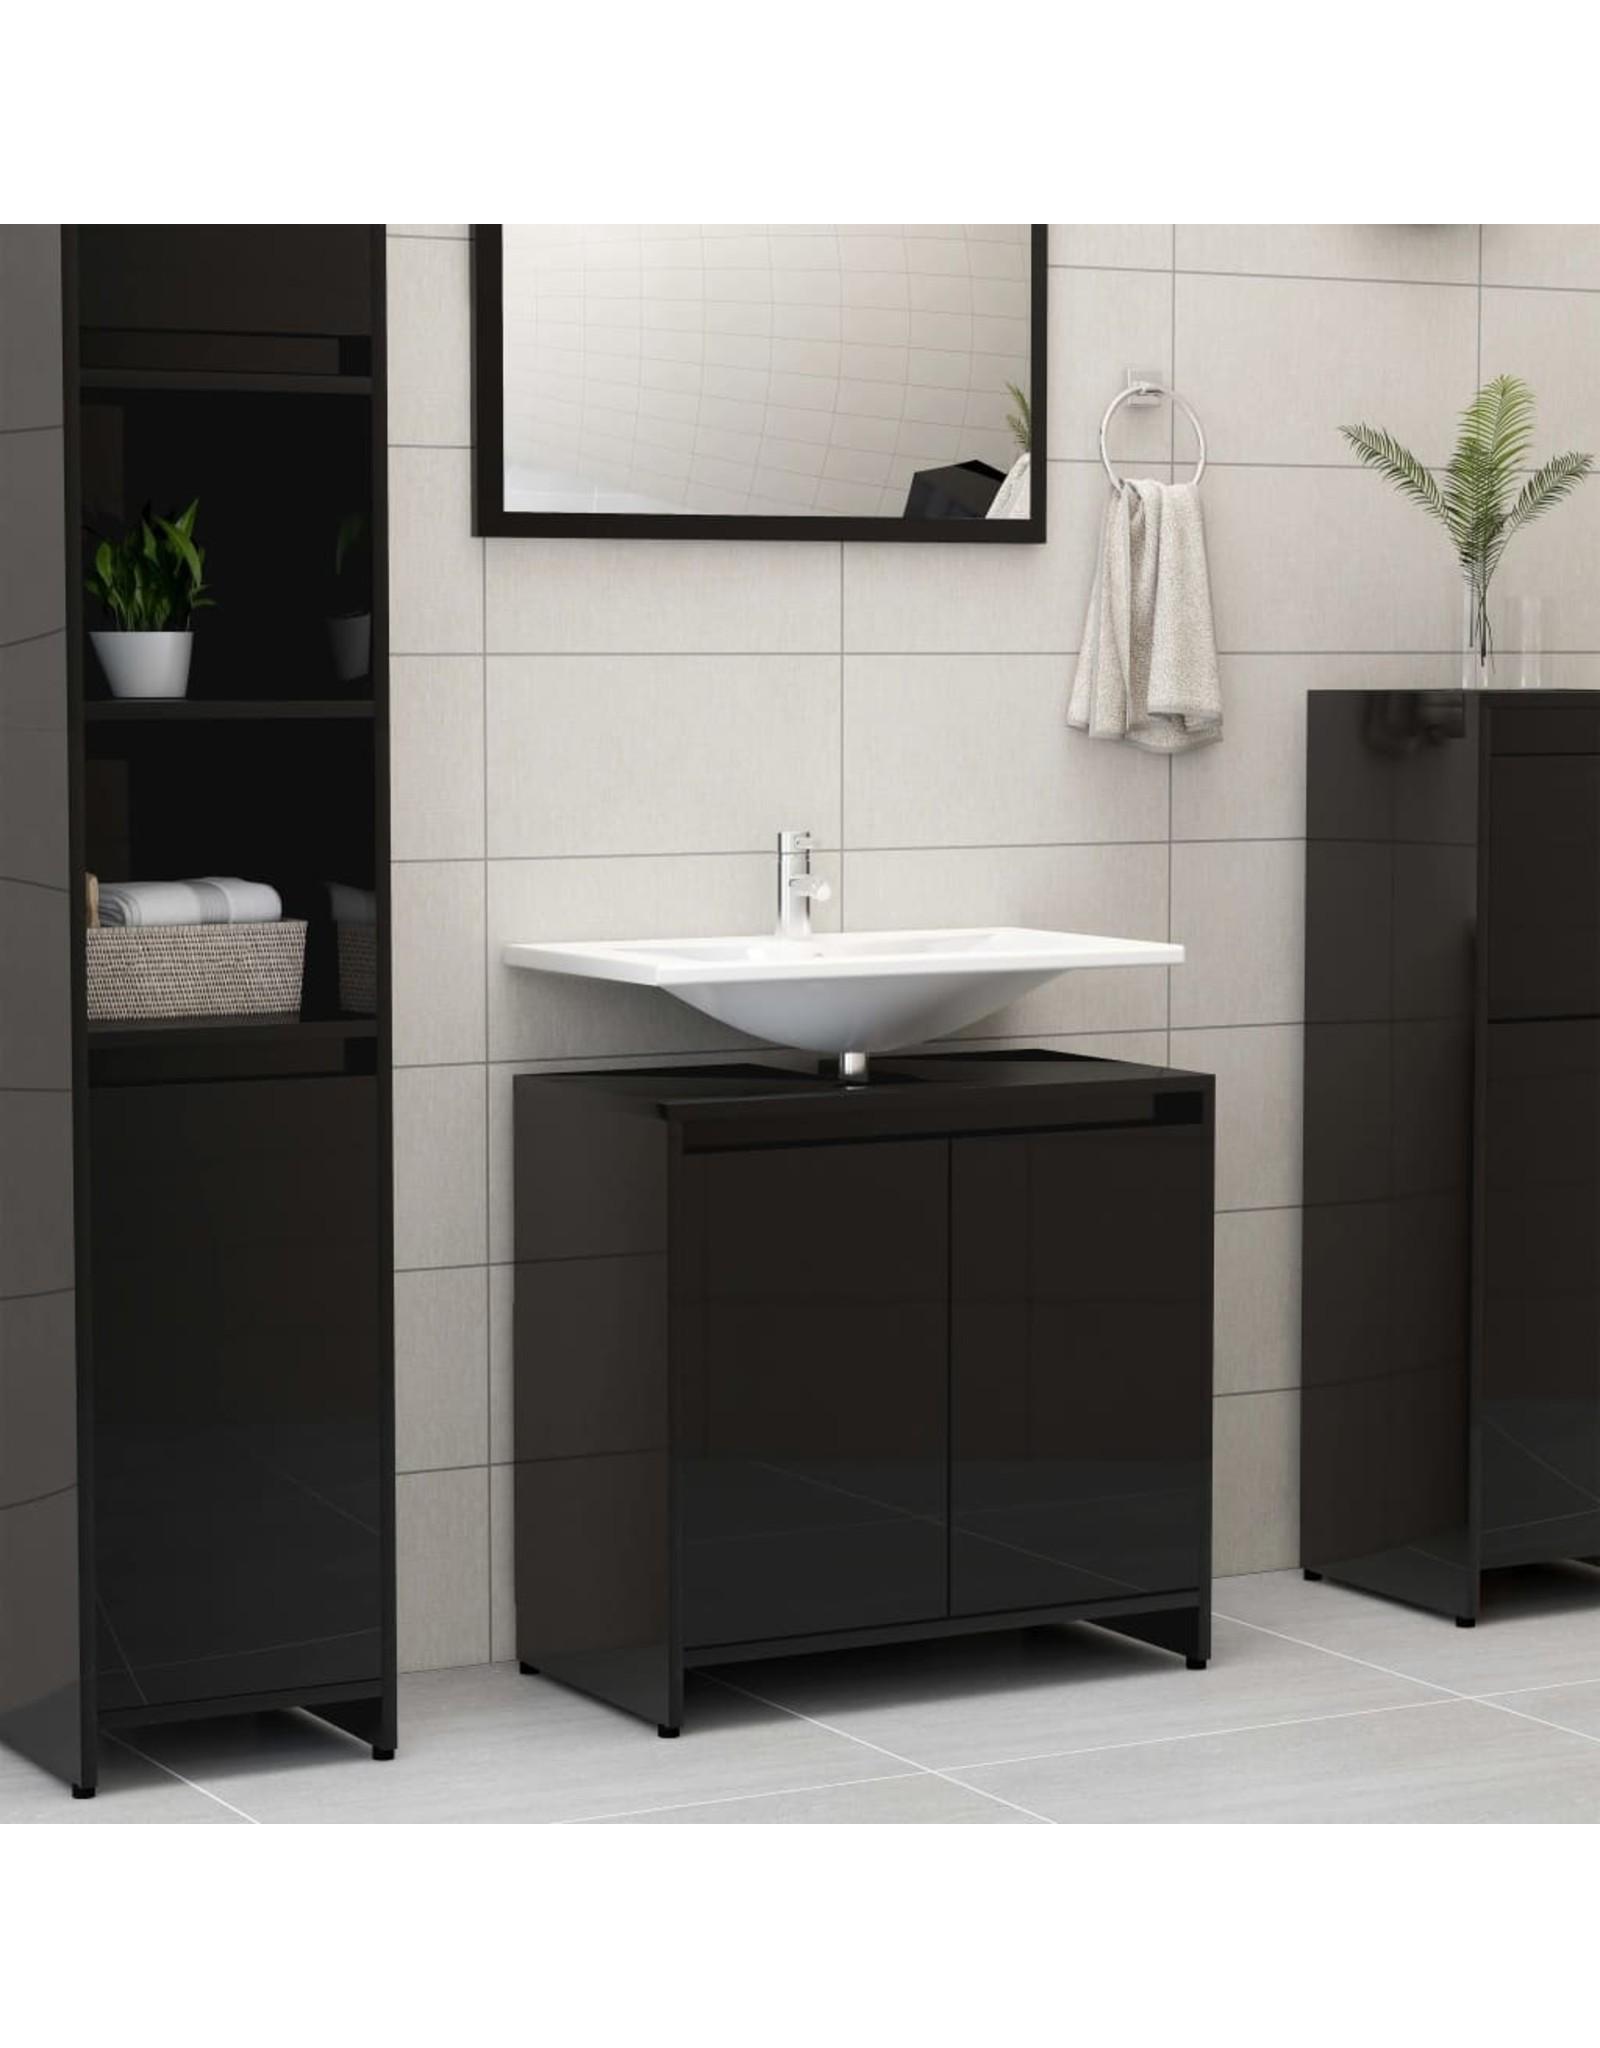 Badkamerkast 60x33x58 cm spaanplaat hoogglans zwart